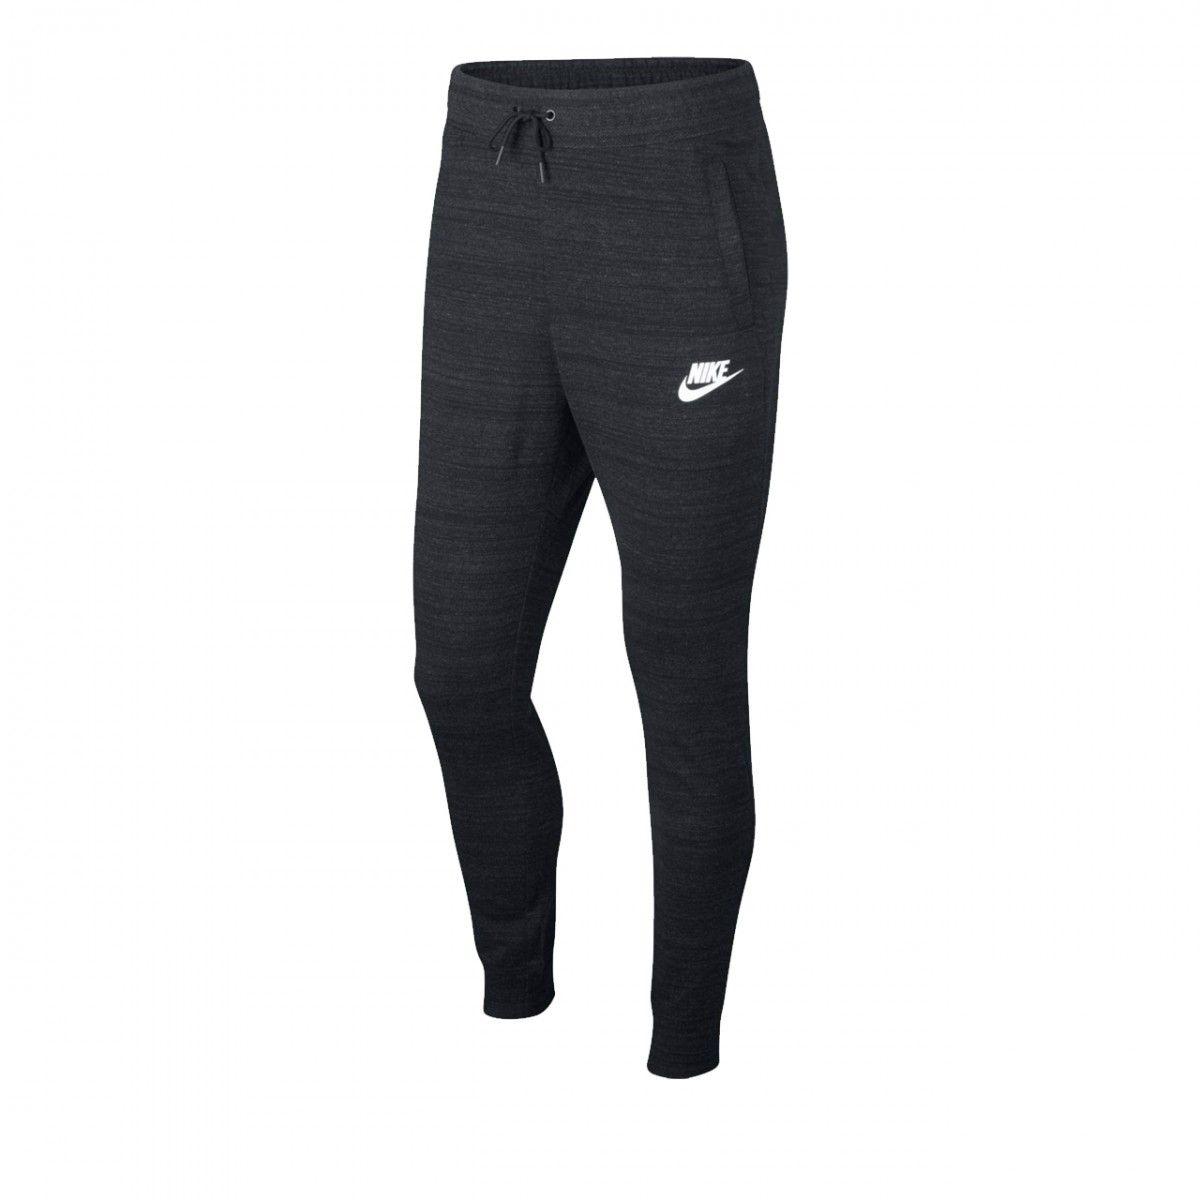 Pantalon de survêtement Nike Sportswear Advance 15 - AQ8393-010